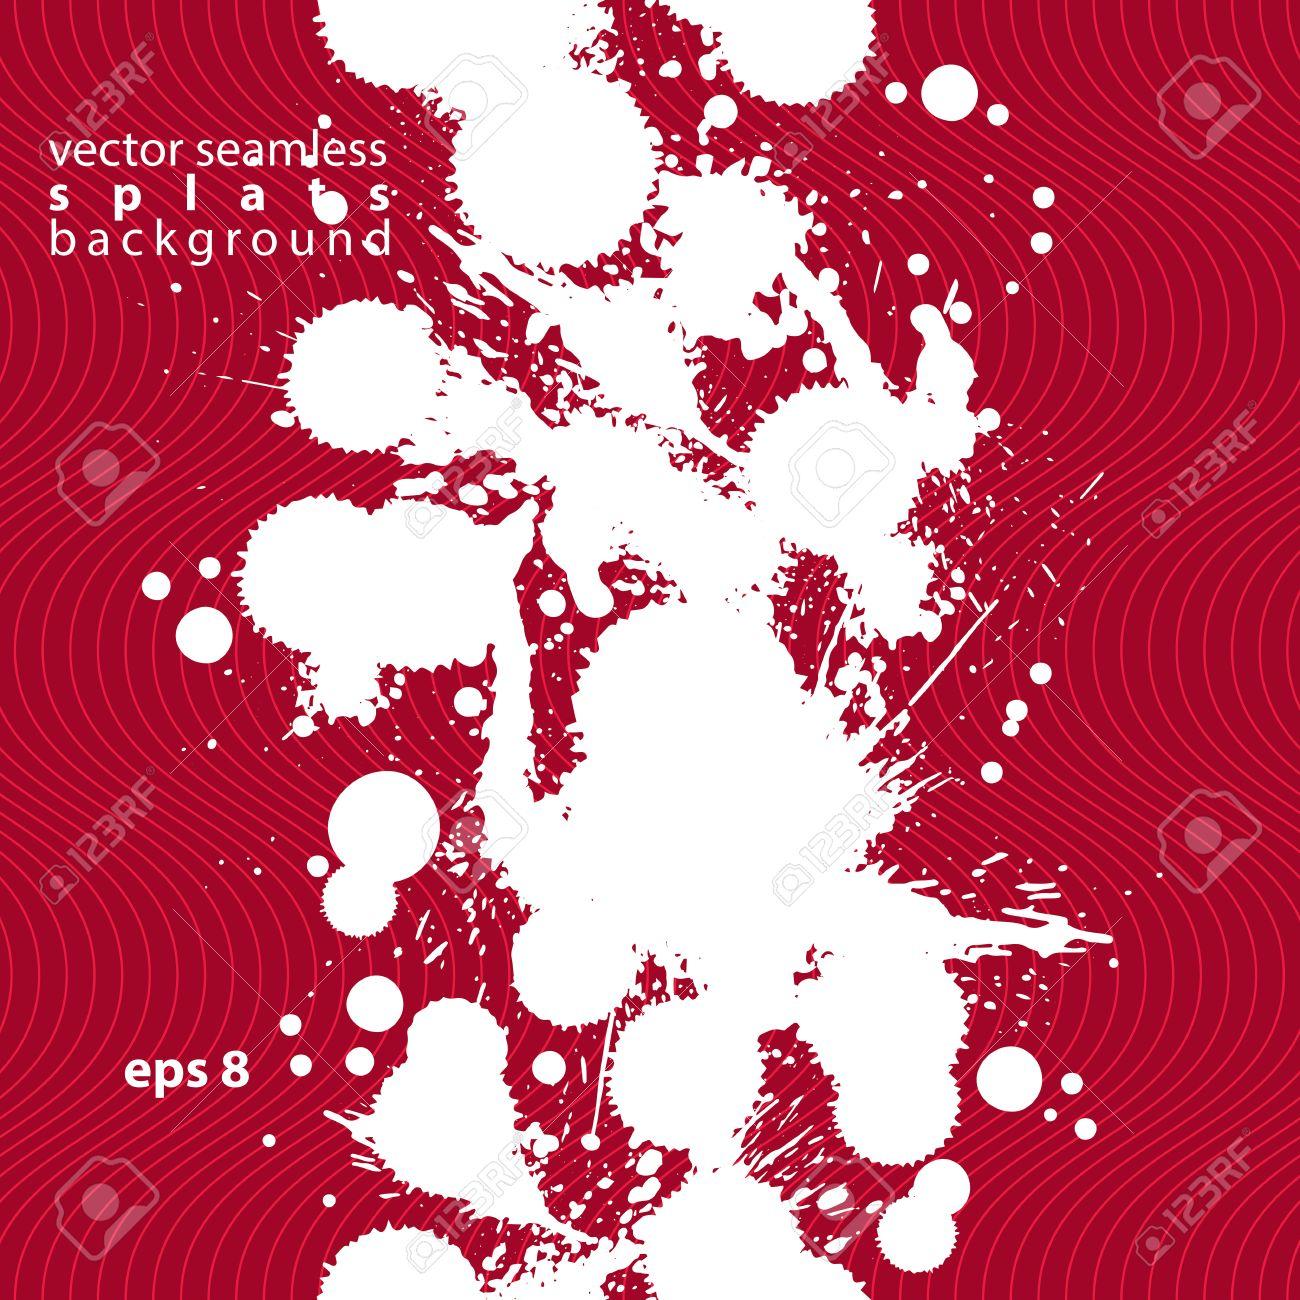 現代の真っ黒な壁紙の色 Eps8 Blob シームレス パターン ブラシで塗りつぶされた 落書きの図形表現した赤だらしのないイラストが背景を混乱します のイラスト素材 ベクタ Image